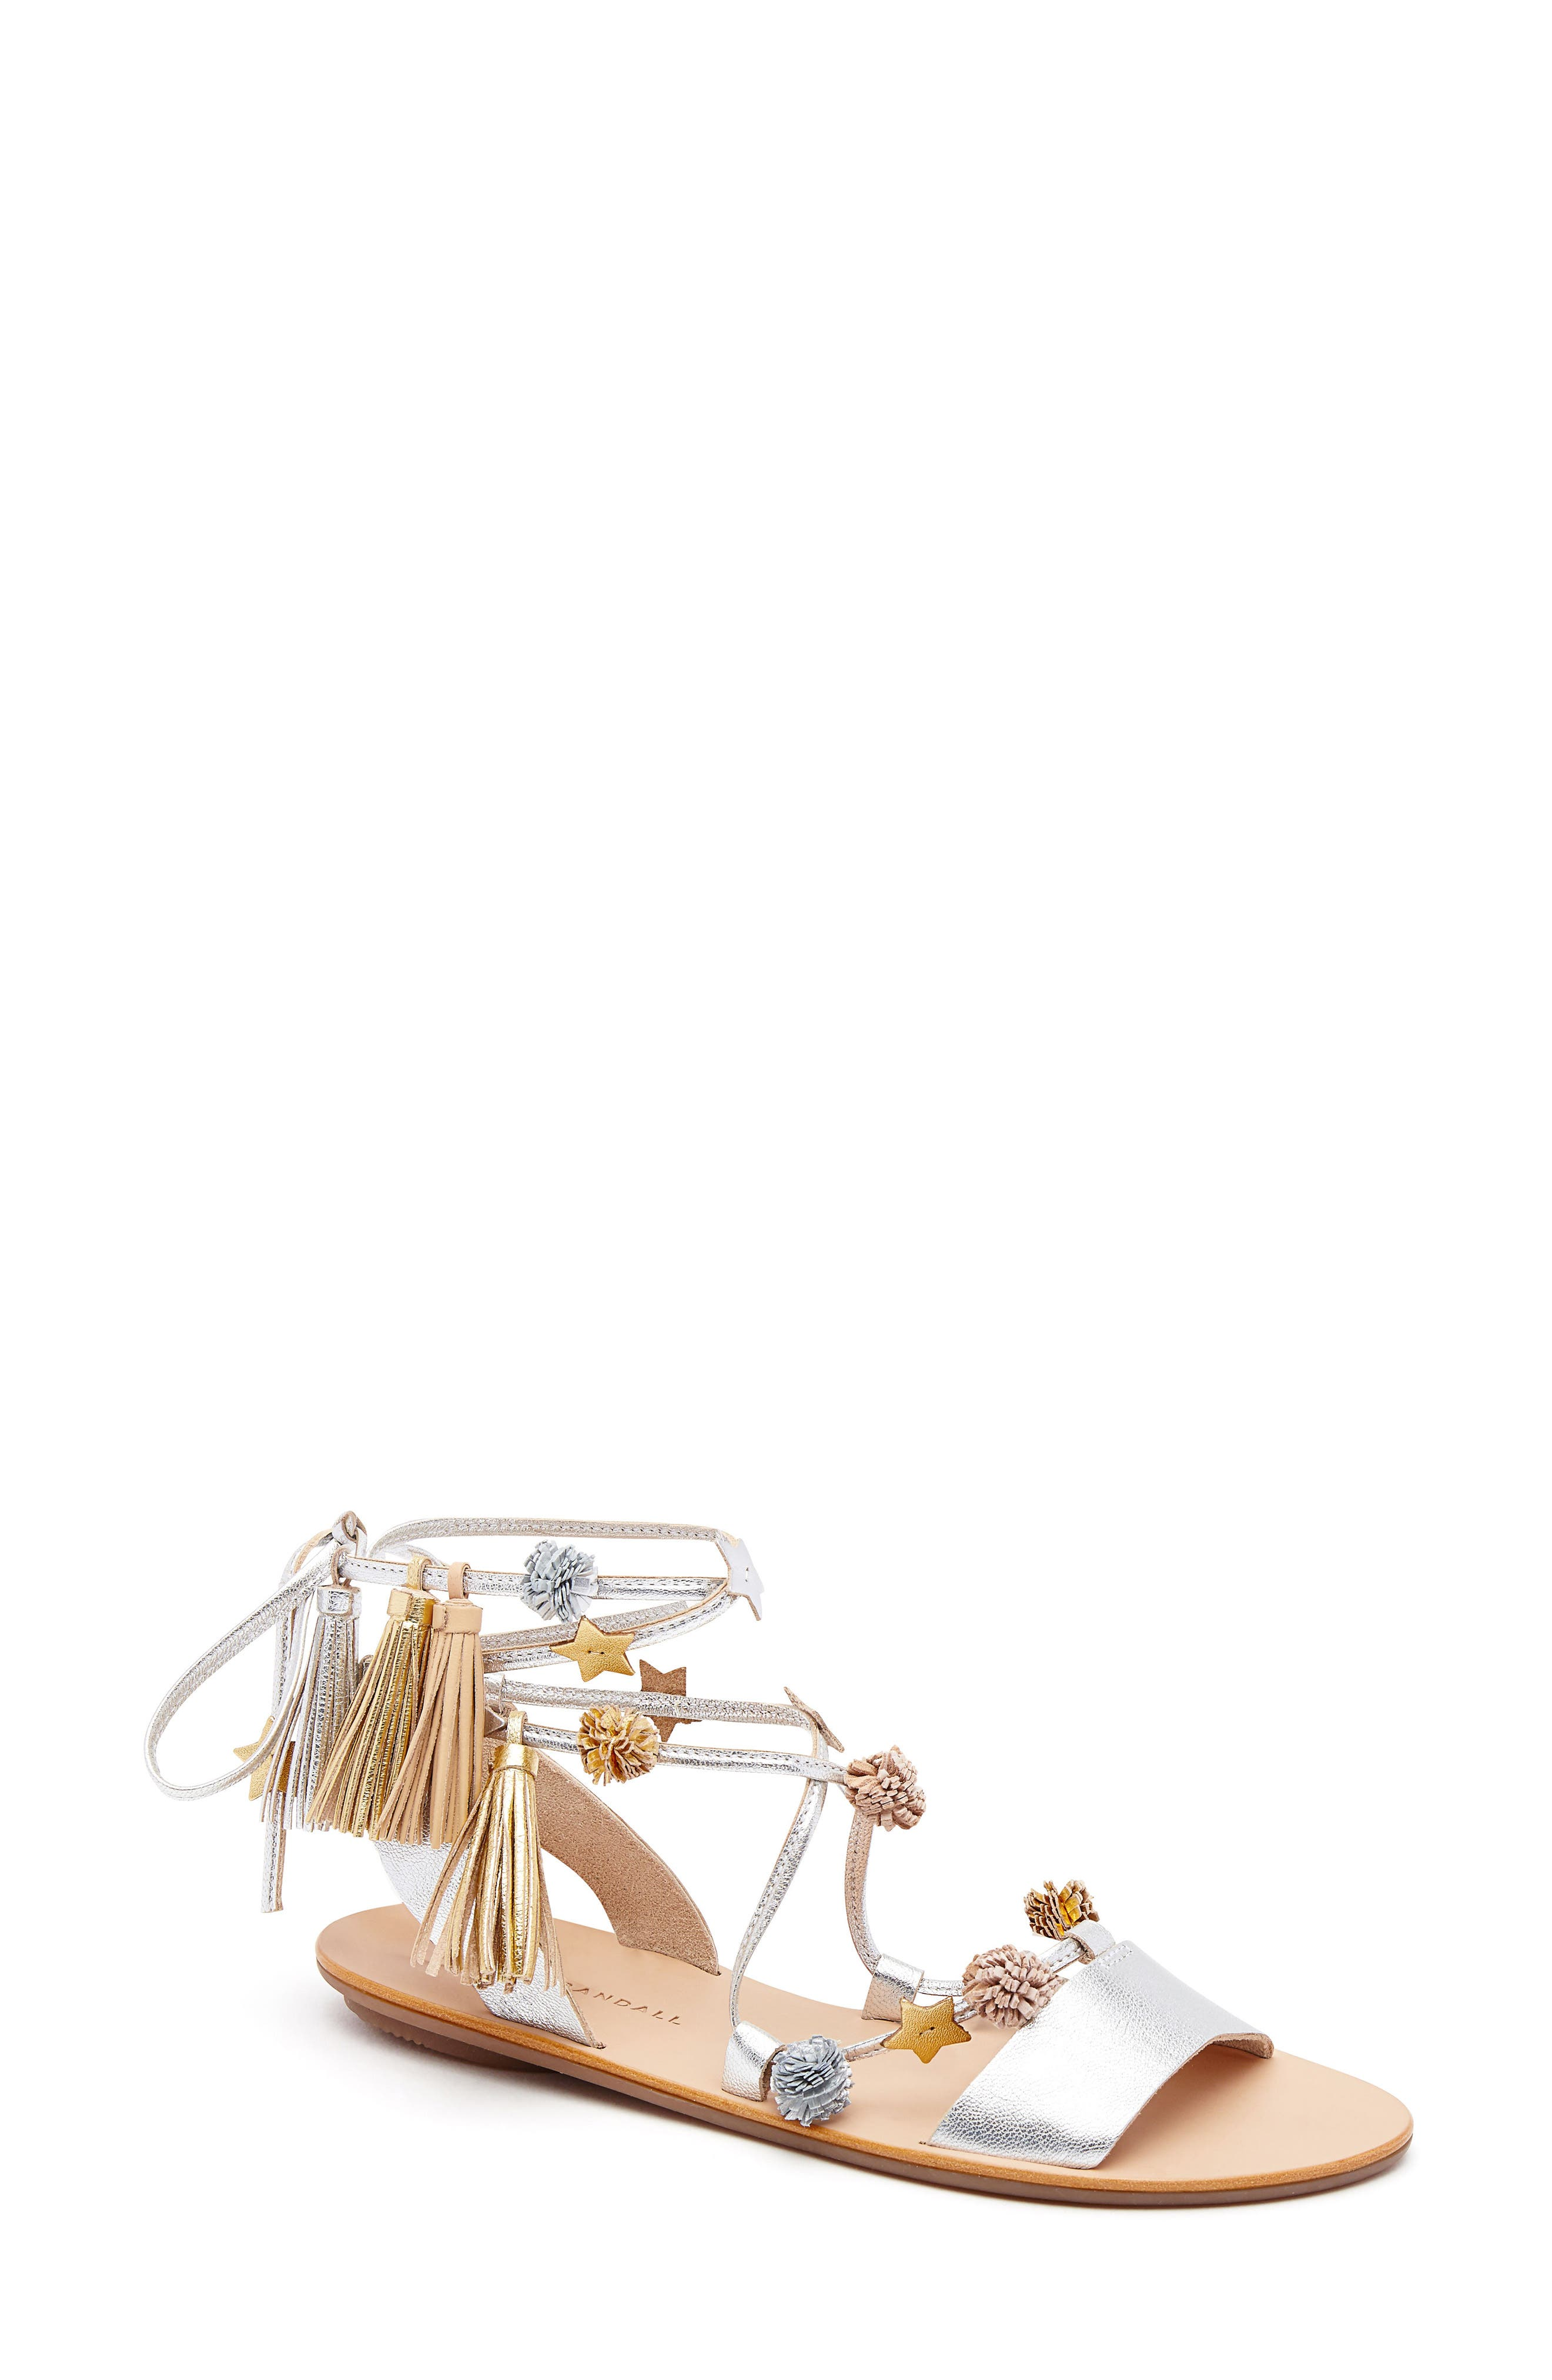 Main Image - Loeffler Randall Suze Embellished Wraparound Sandal (Women)